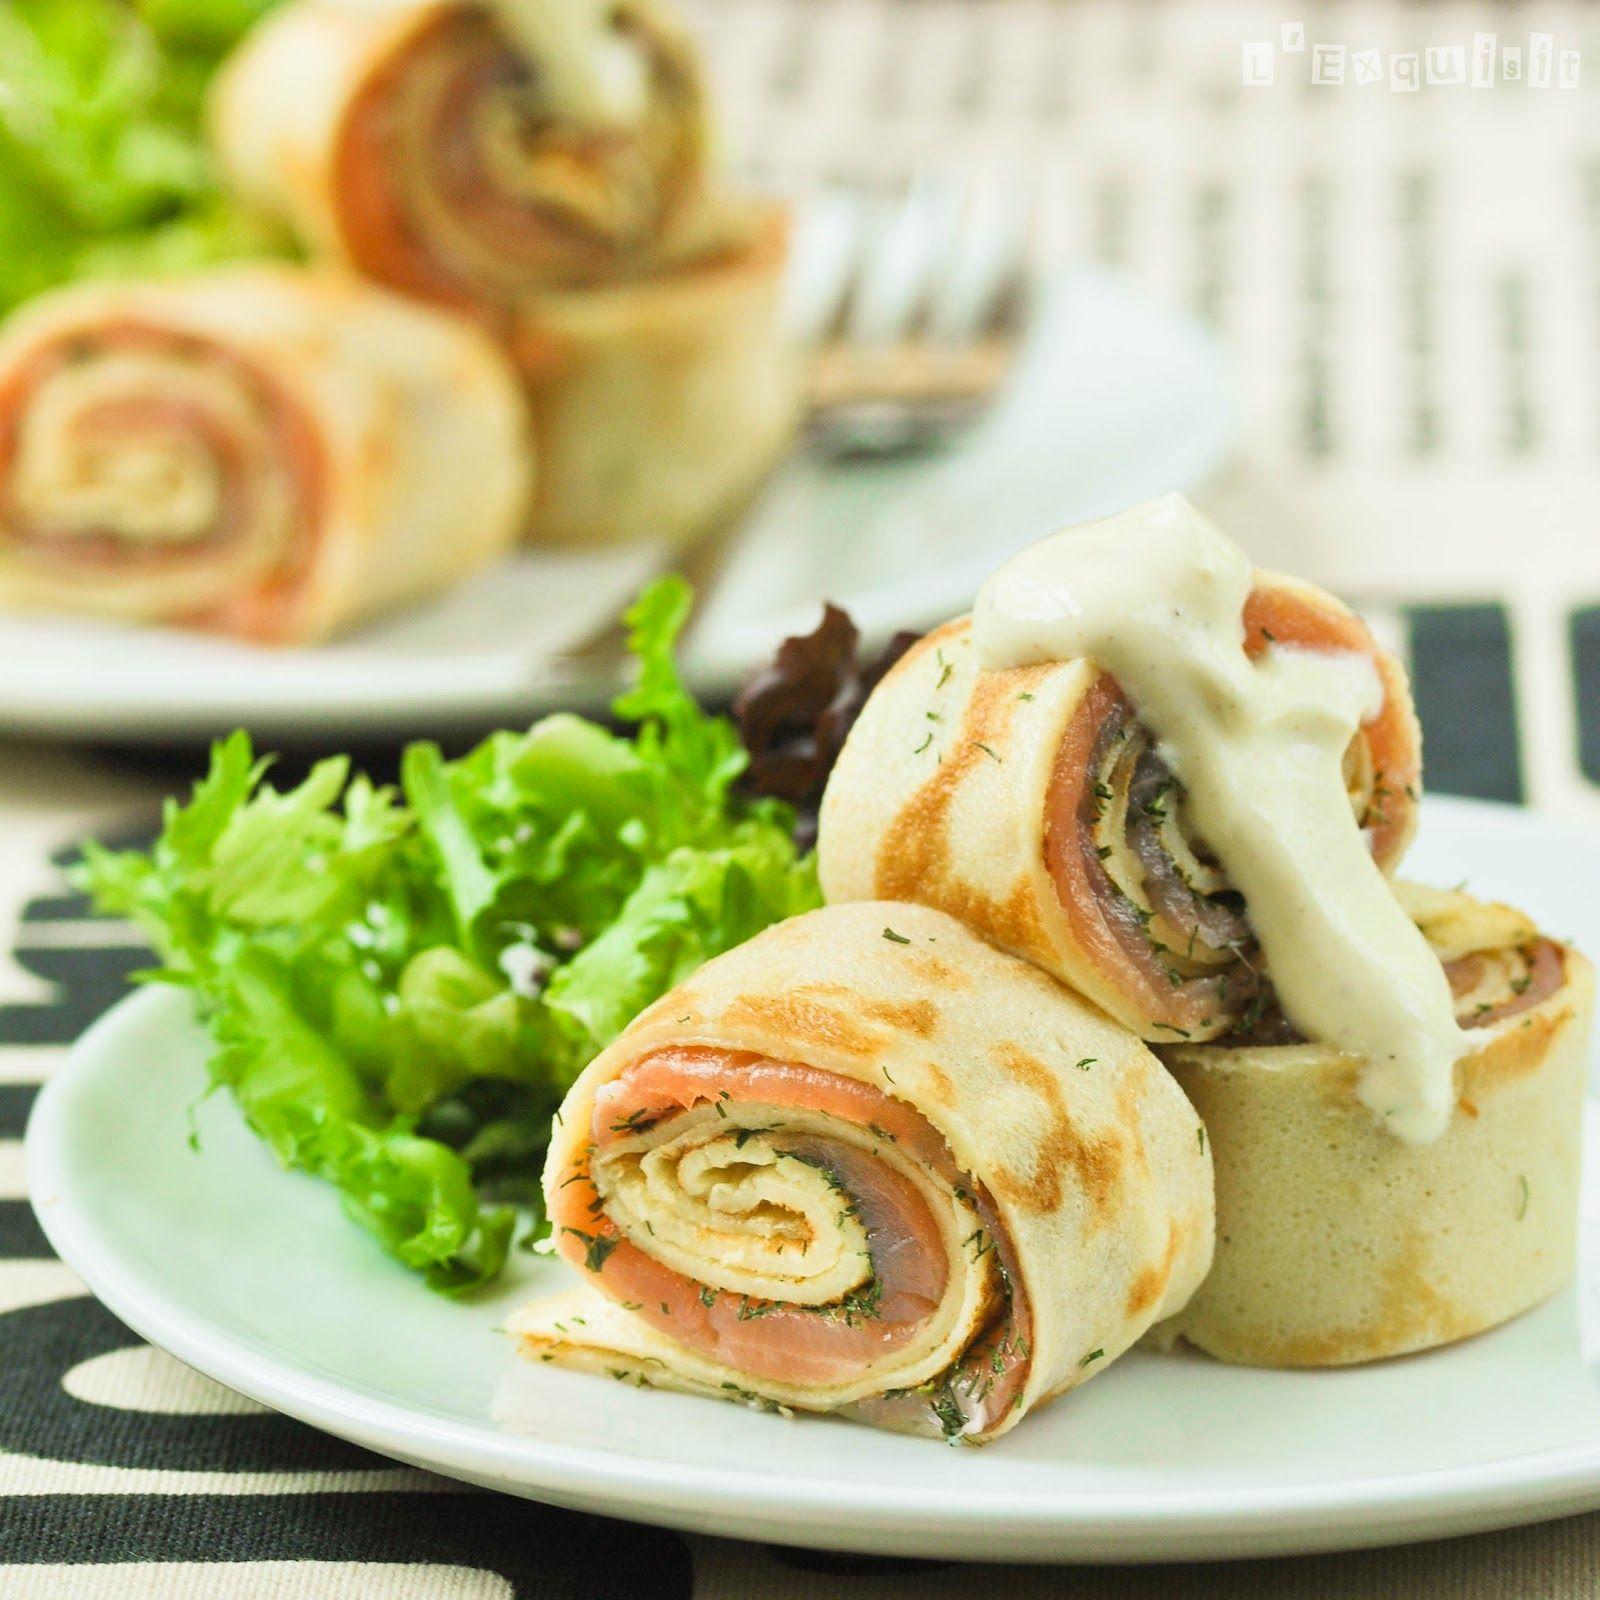 Recetas De Cocina Para El Verano Faciles | Las Crepes Saladas Son Una Comida Muy Versatil Hay Infinitas